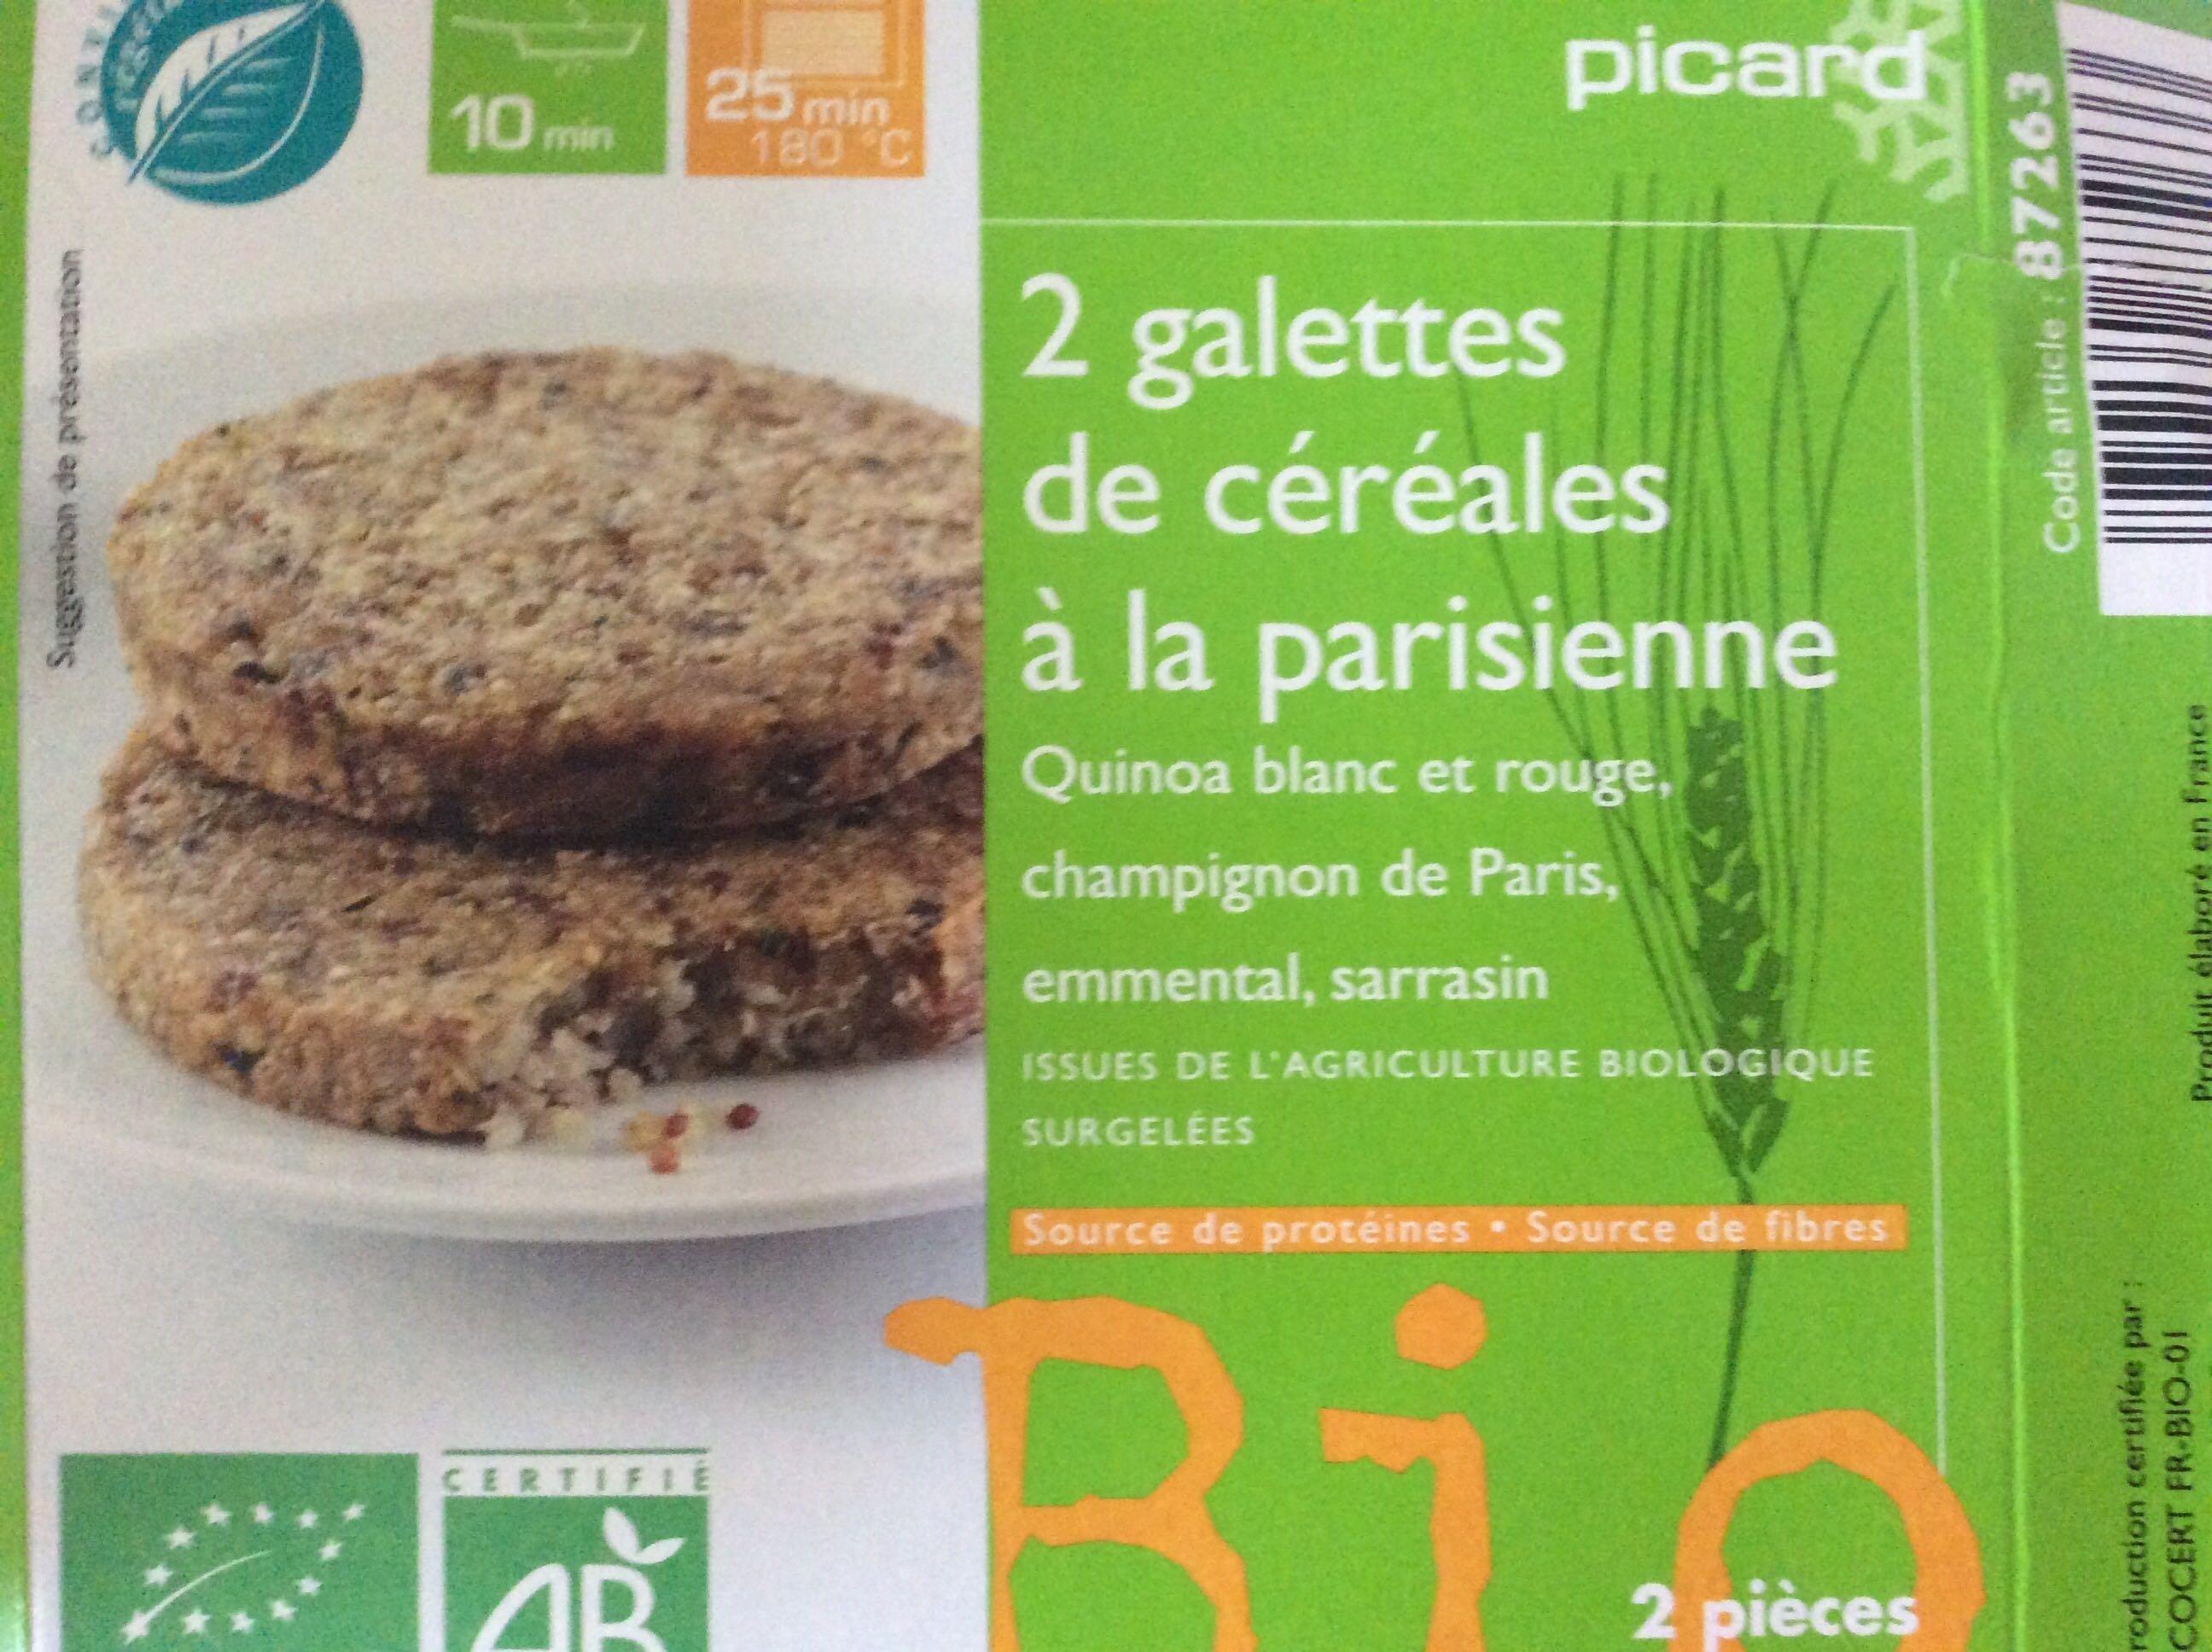 Galettes de Céréales à la Parisienne - Produit